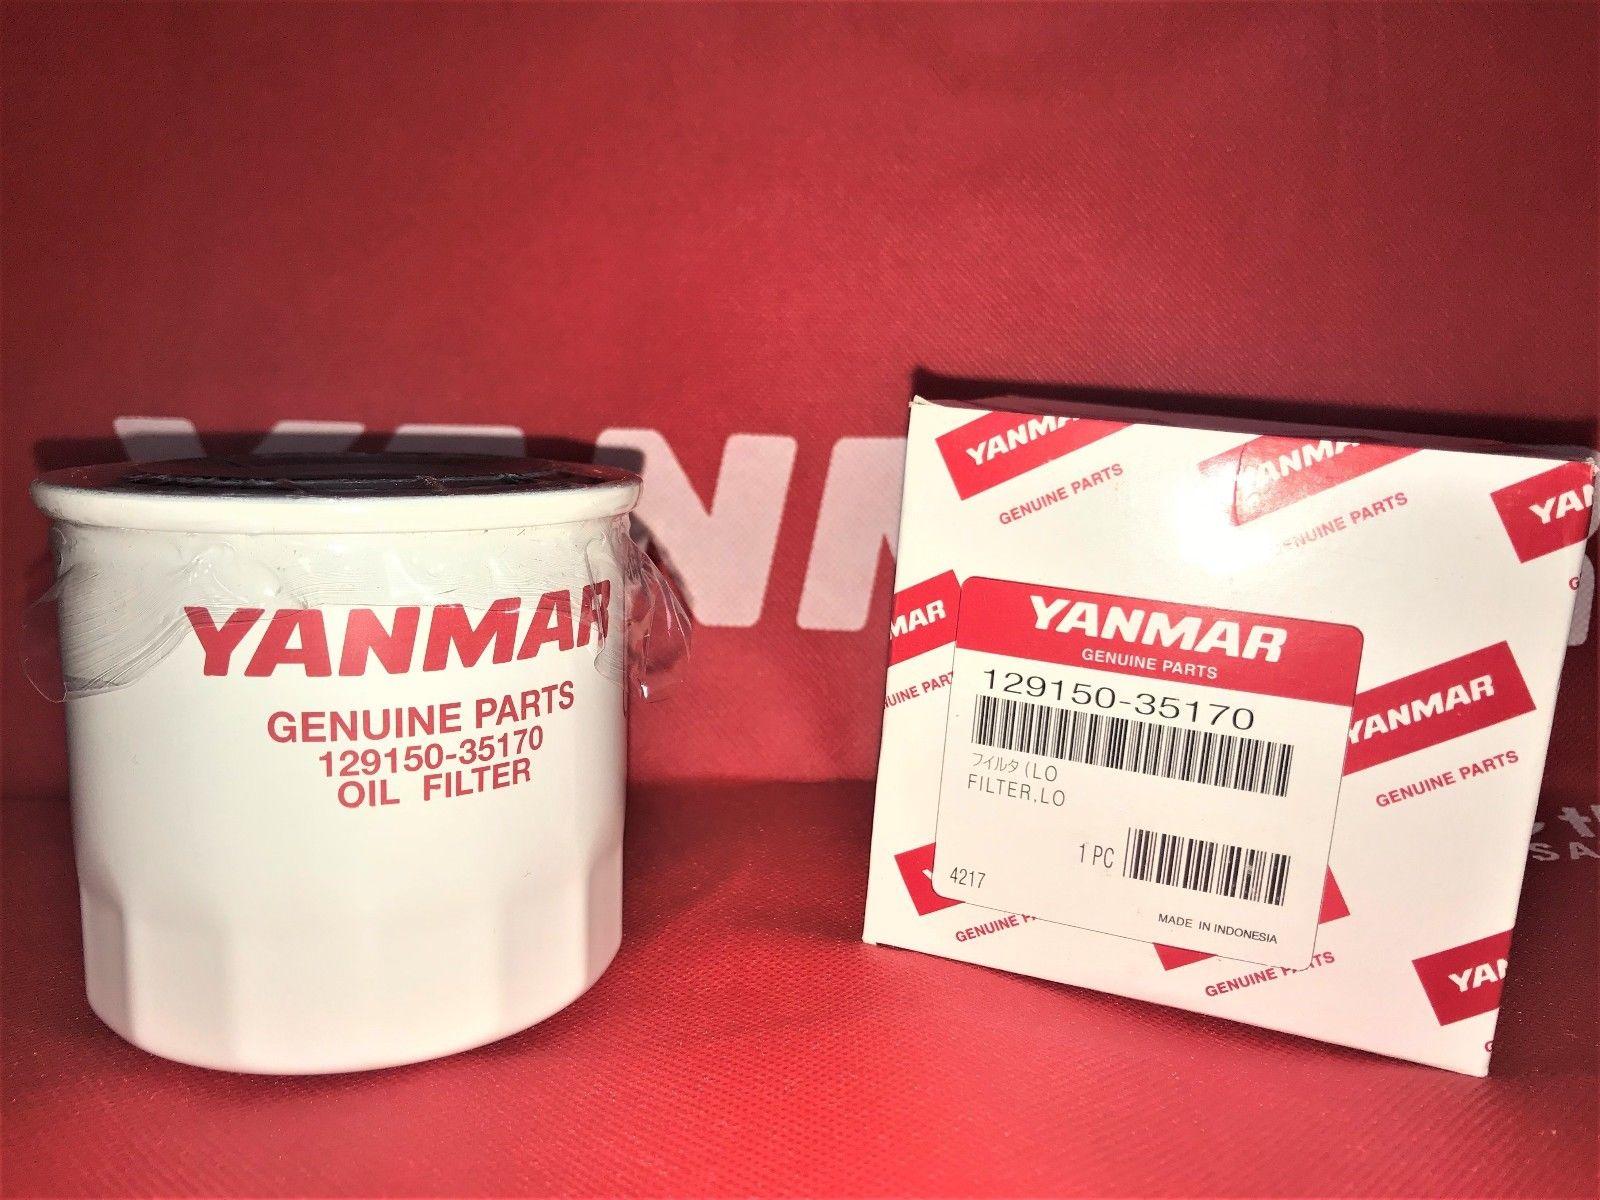 Yanmar 129150-35170 Filter Oil